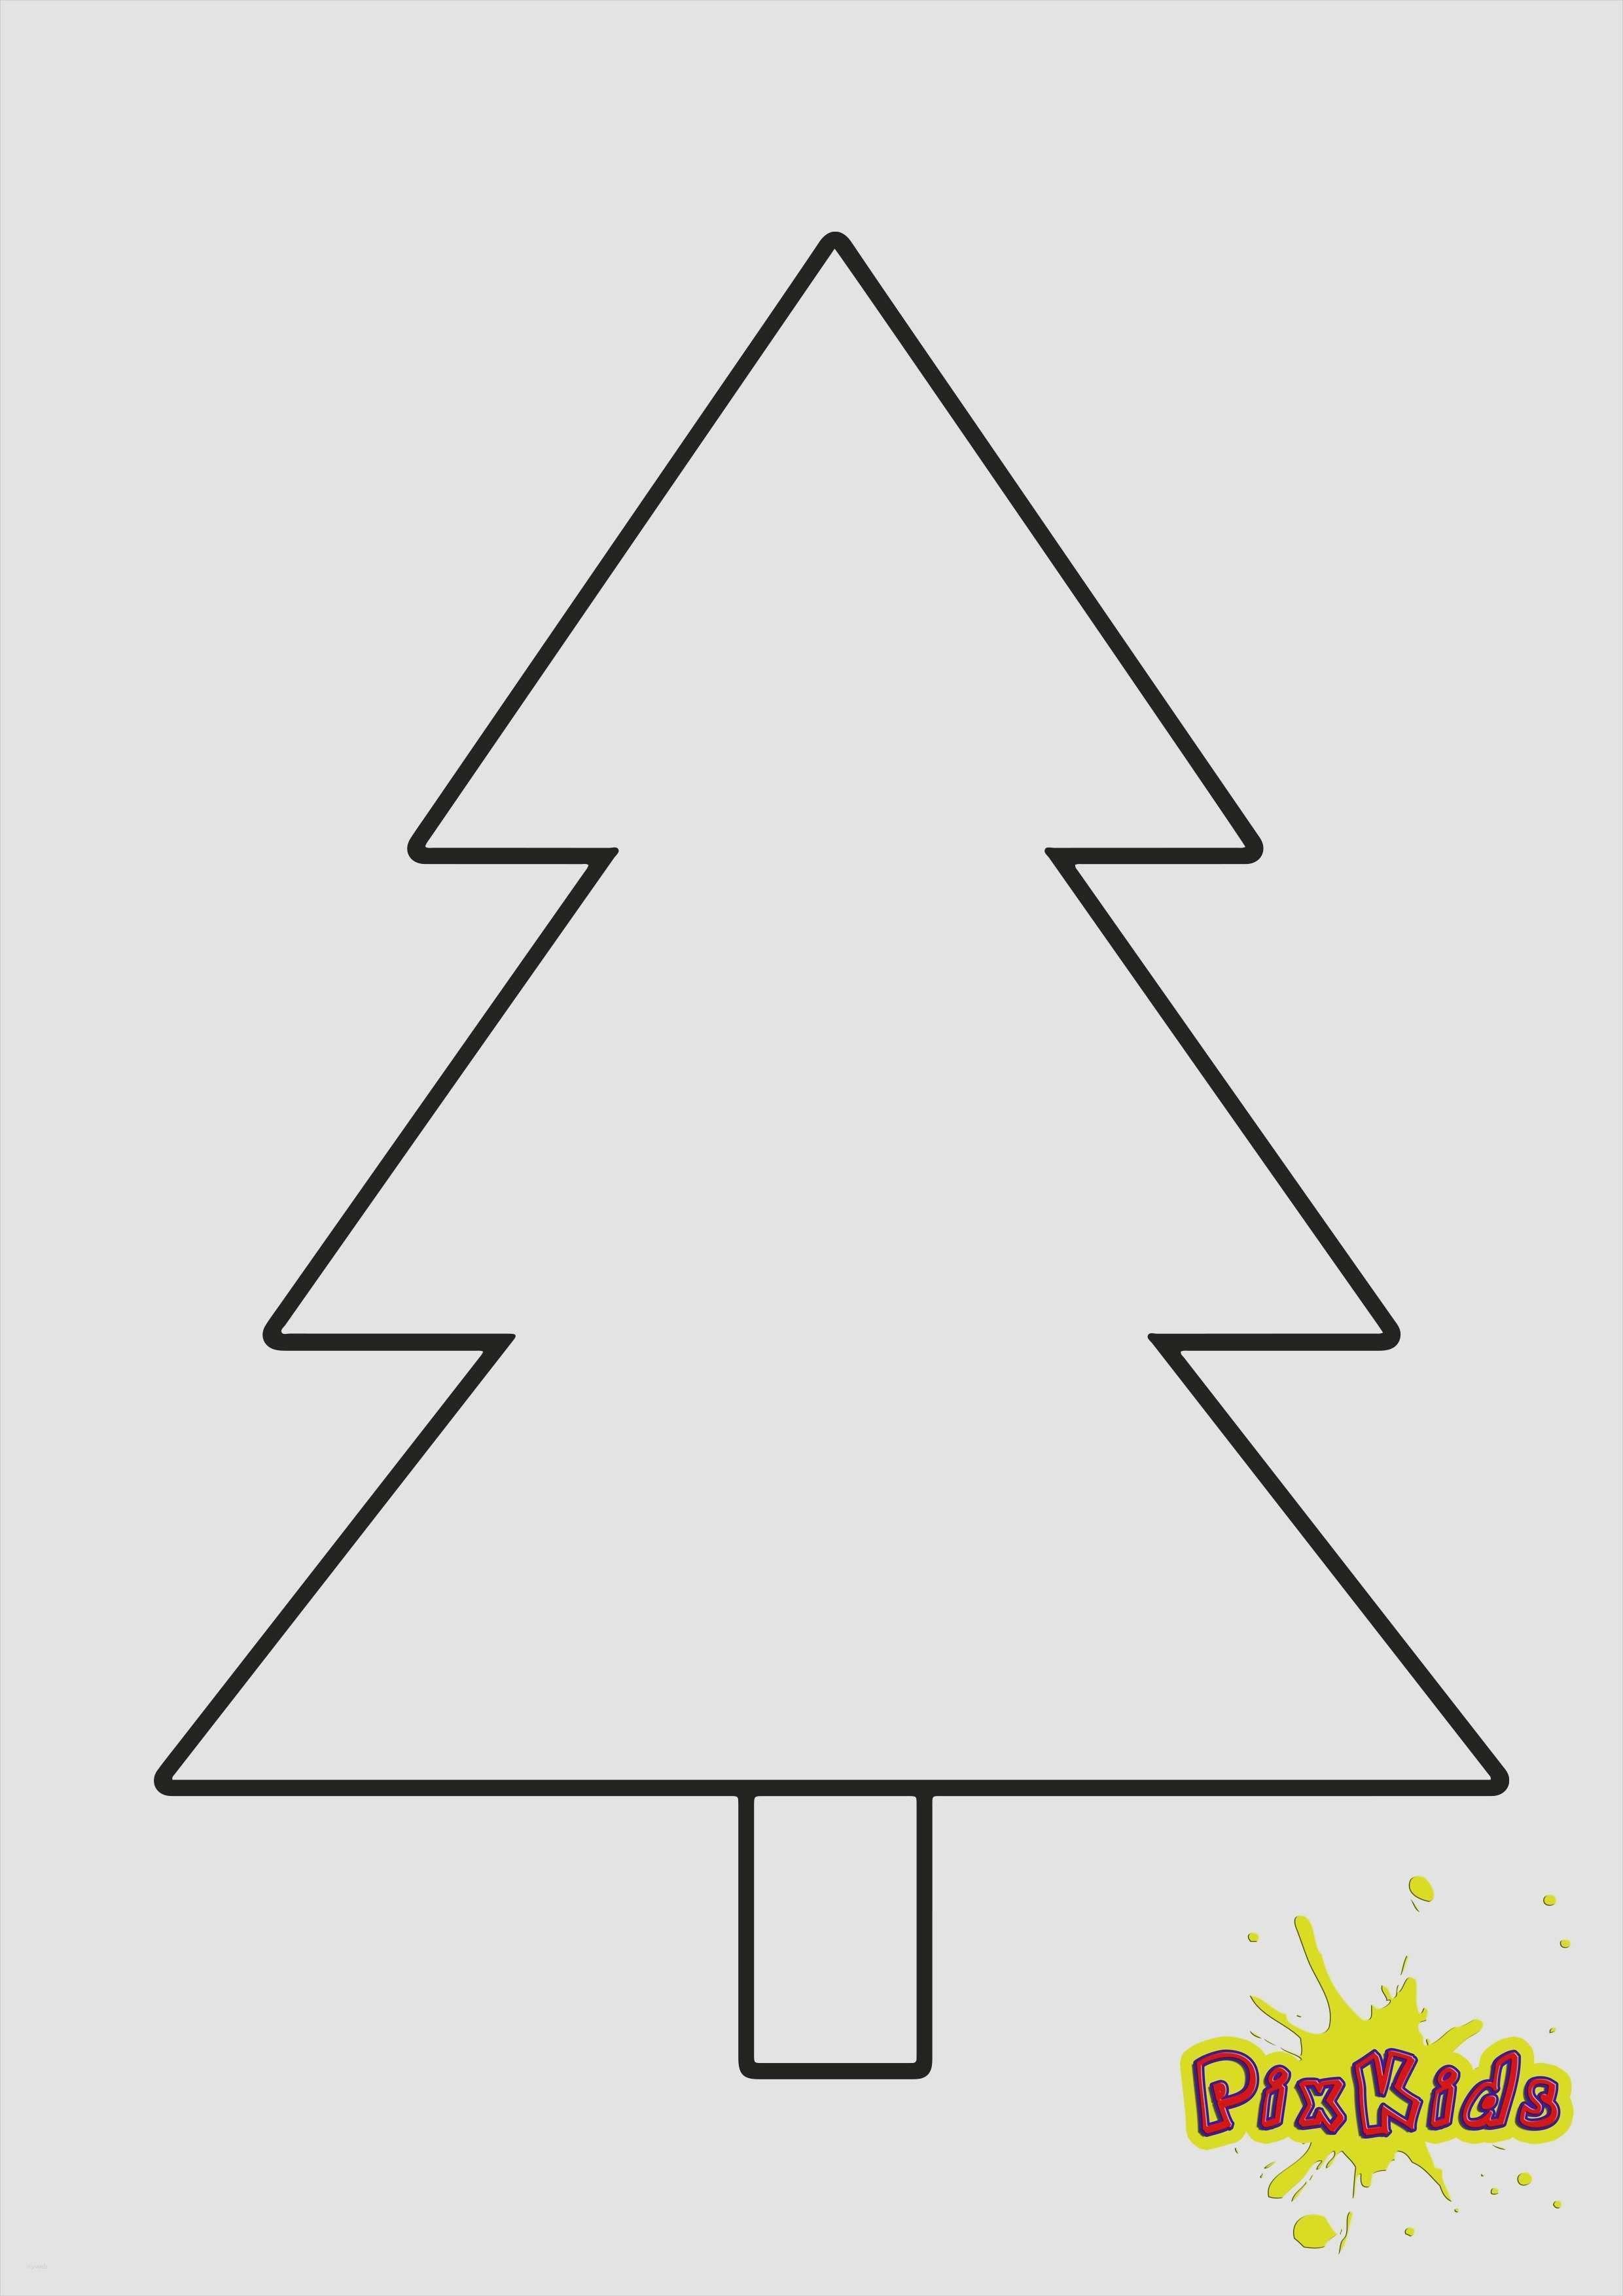 Wunderbar Vorlage Tannenbaum Zum Ausdrucken Ebendiese Konnen Adaptieren Fur Ihre Wichtigsten Malvorlage Tannenbaum Weihnachtsbaum Vorlage Tannenbaum Vorlage